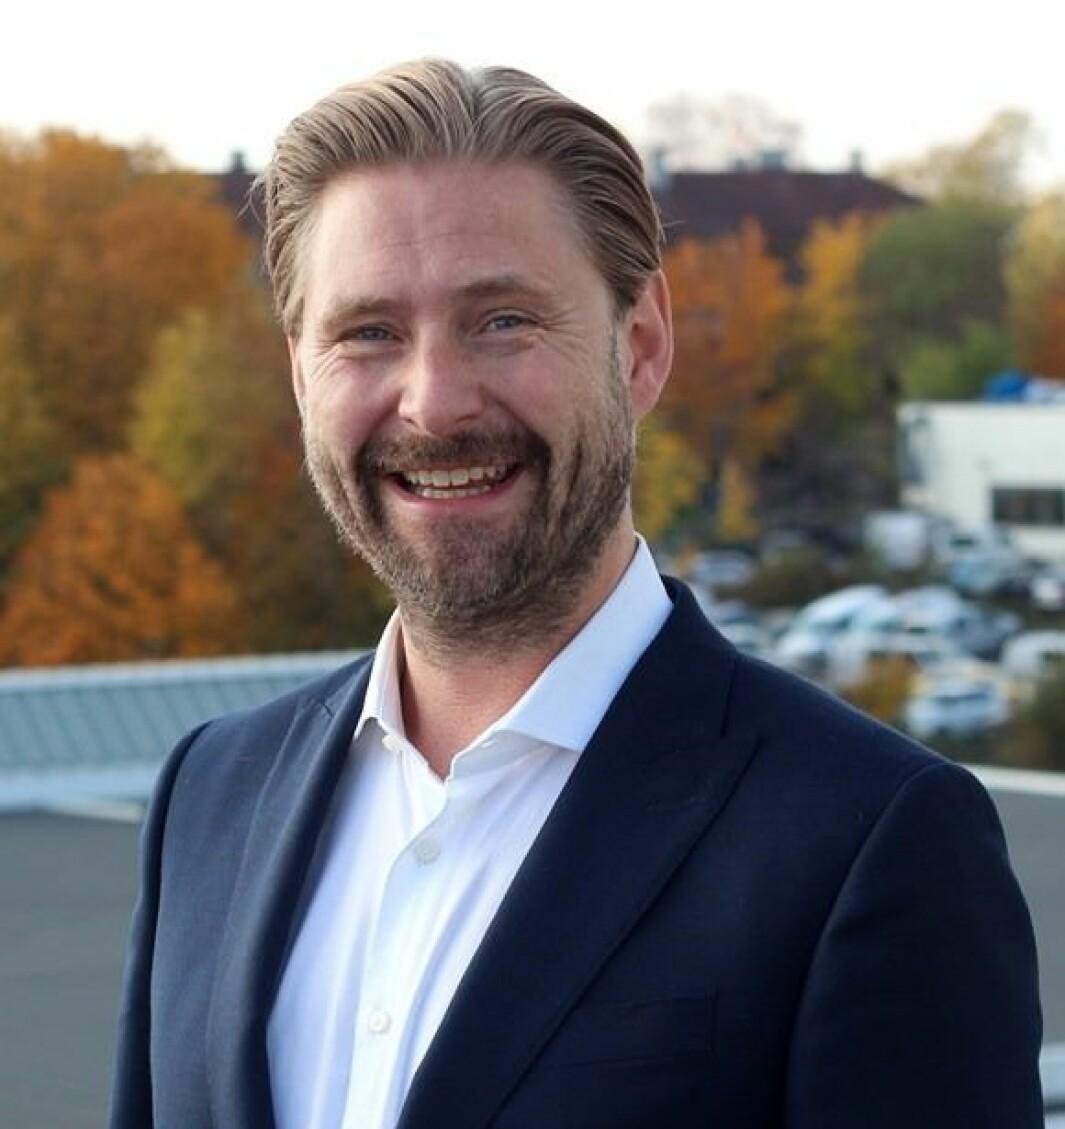 ER AKTIVE: – Vi er aktive, og jobber systematisk med å finne de gode mulighetene i markedet, sier administrerende direktør Thomas Dahle i NCC Property Development.